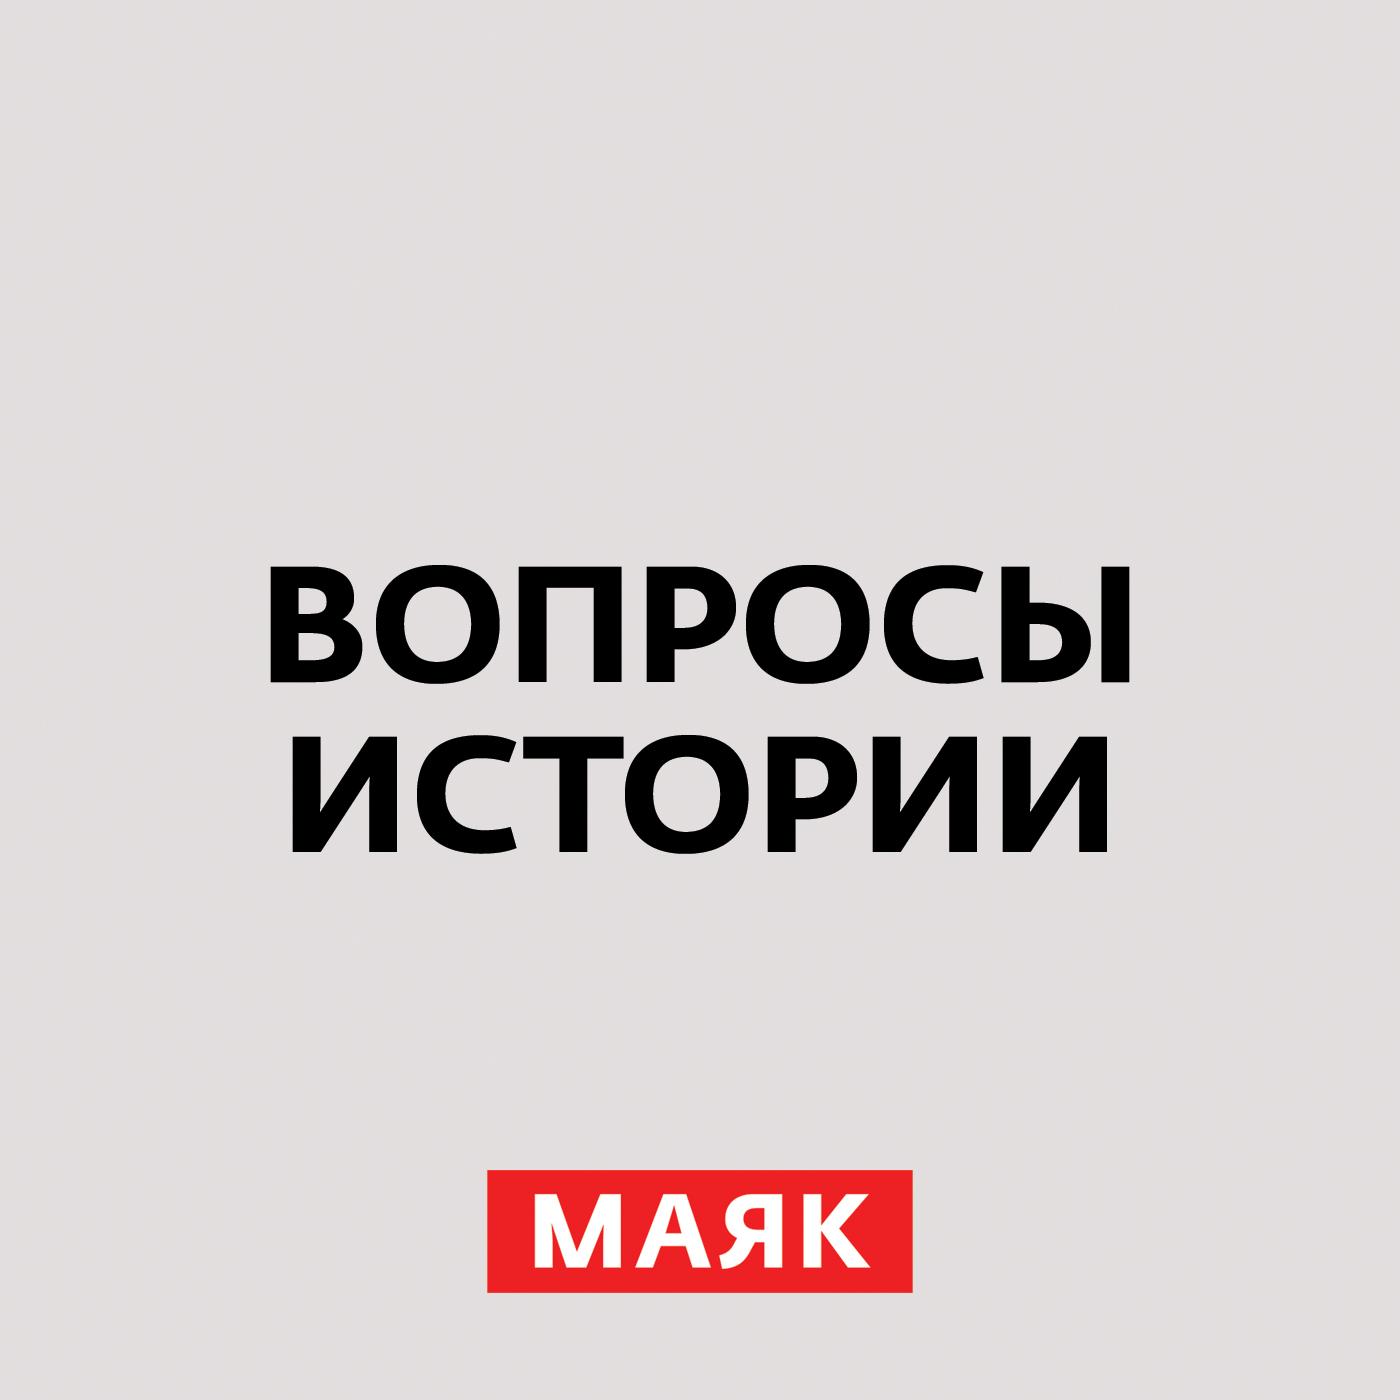 Андрей Светенко В начале 50-х Сталин явно сдал, но сдаваться не собирался. Часть 3 андрей светенко речь сталина 3 июля почему каждый абзац вызывает недовольство часть 3